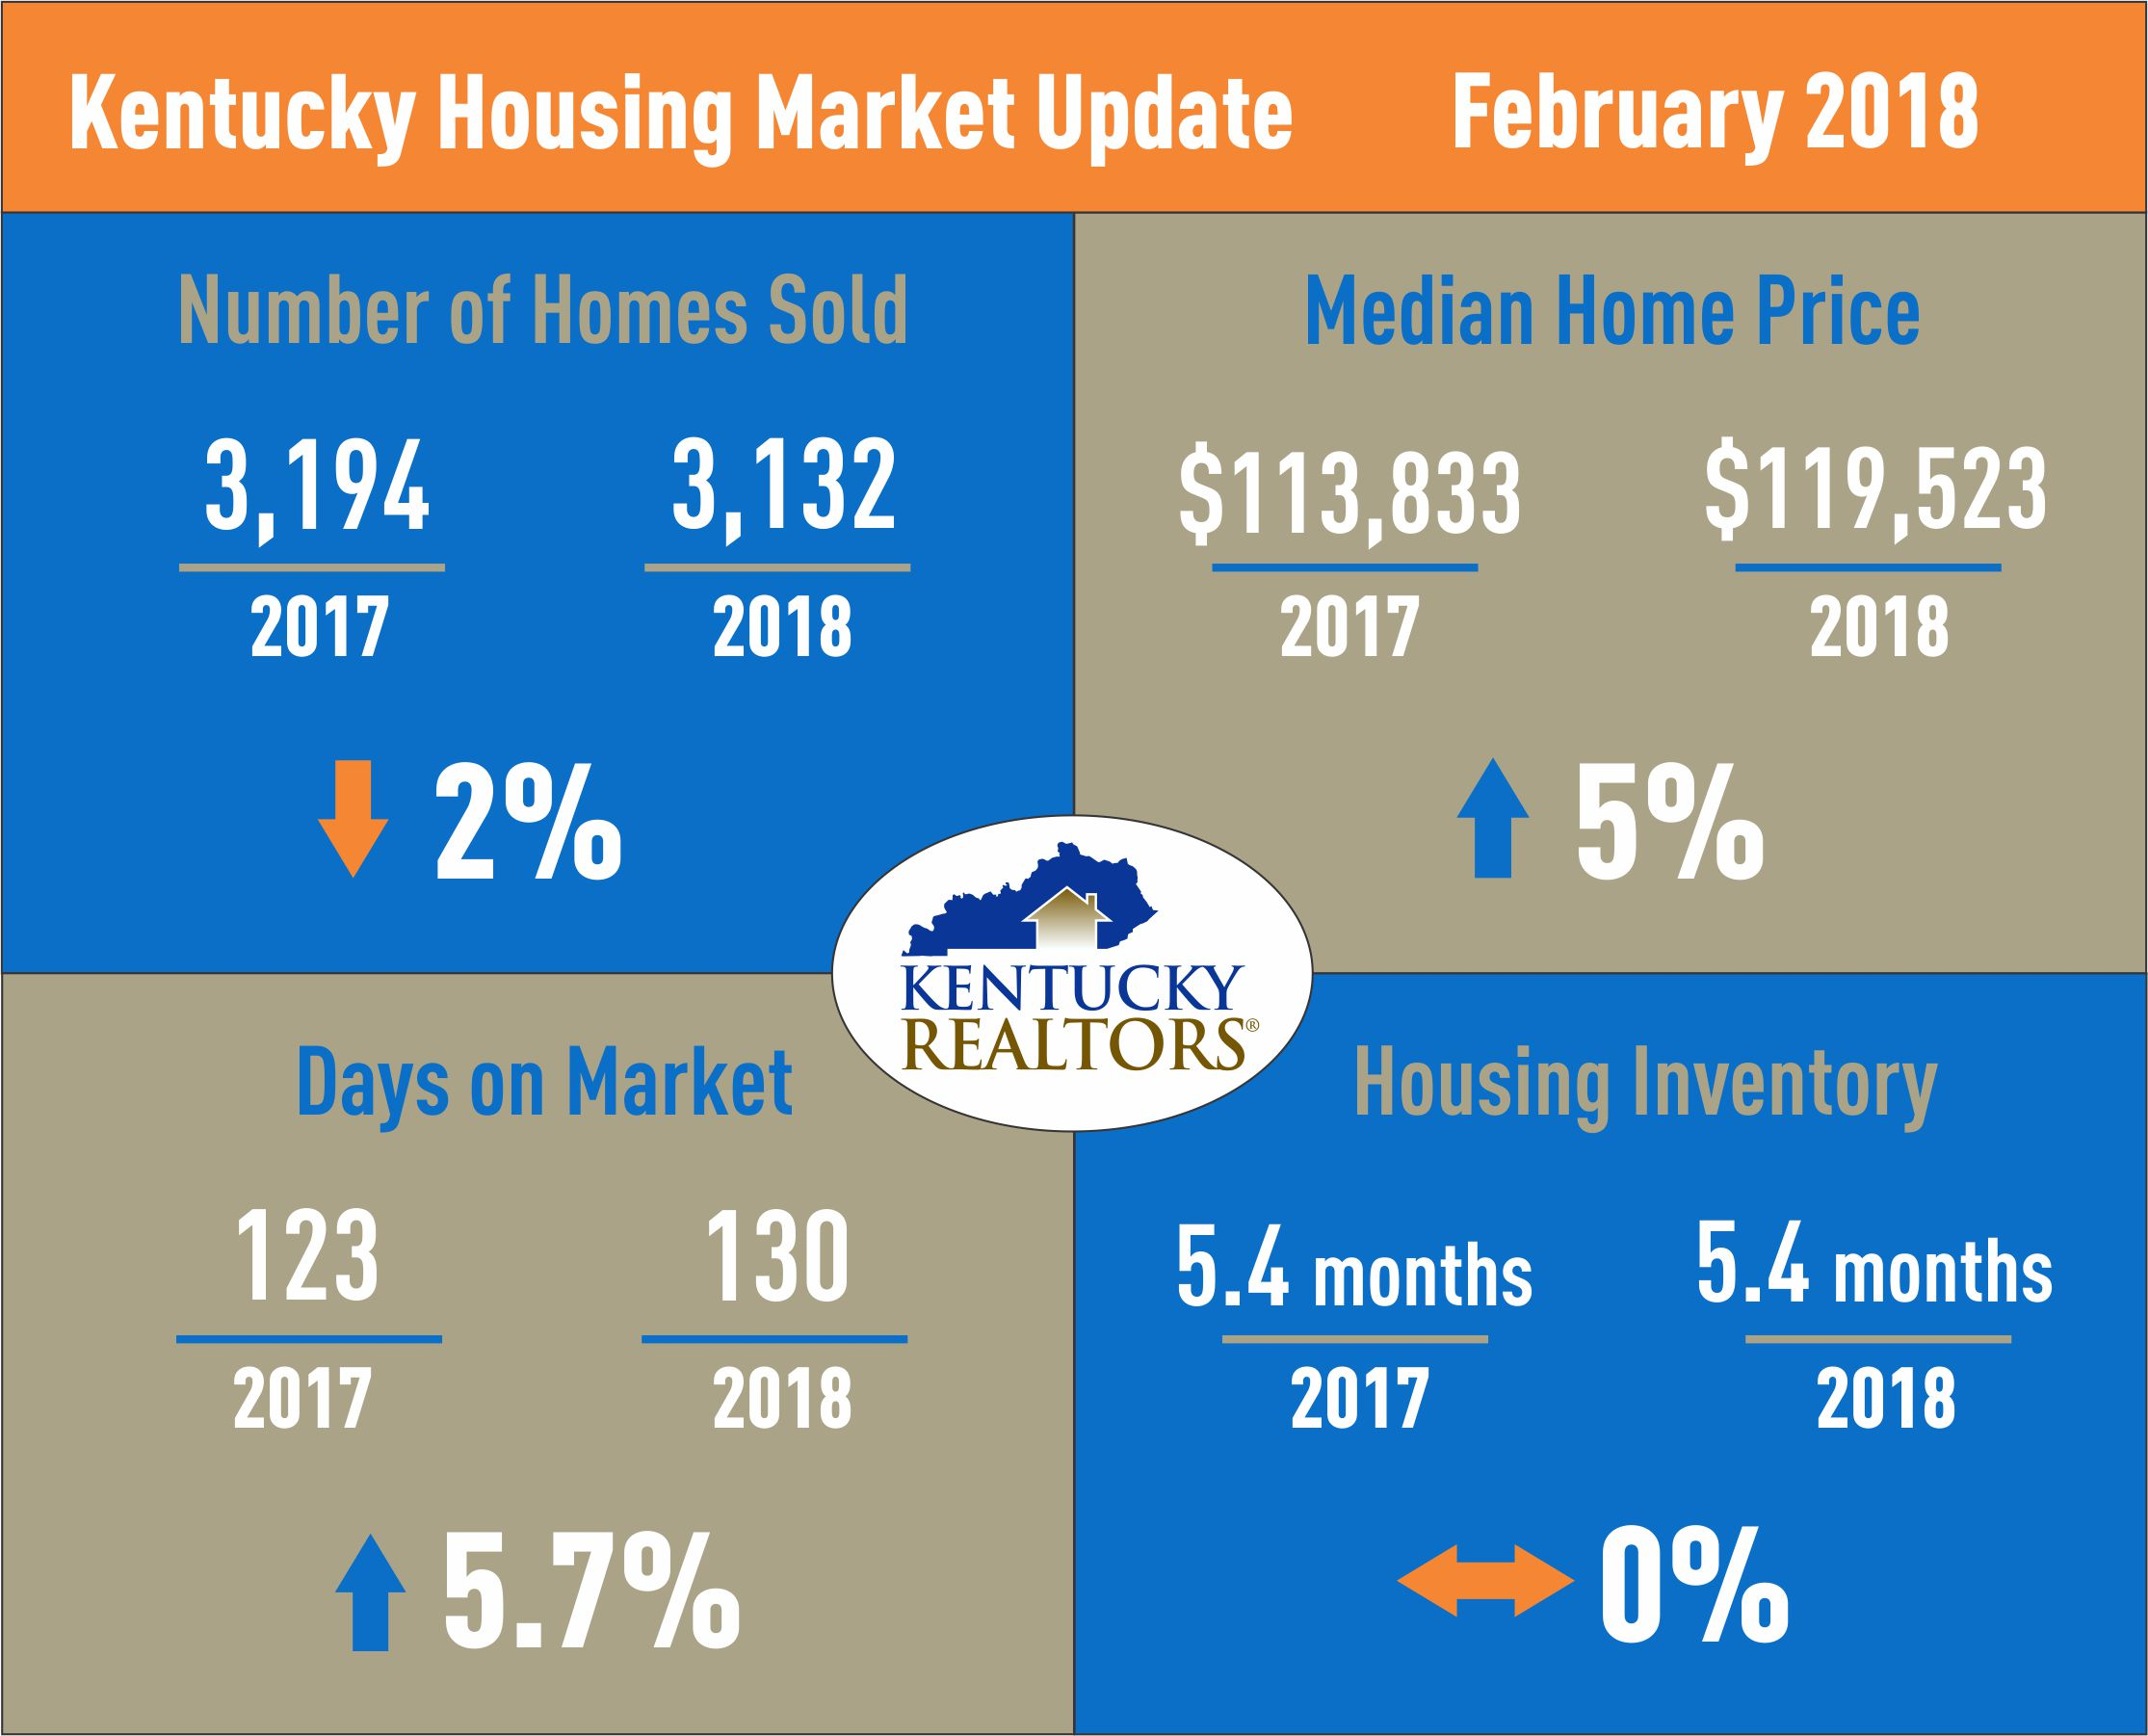 Kentucky Housing Market Update February 2018